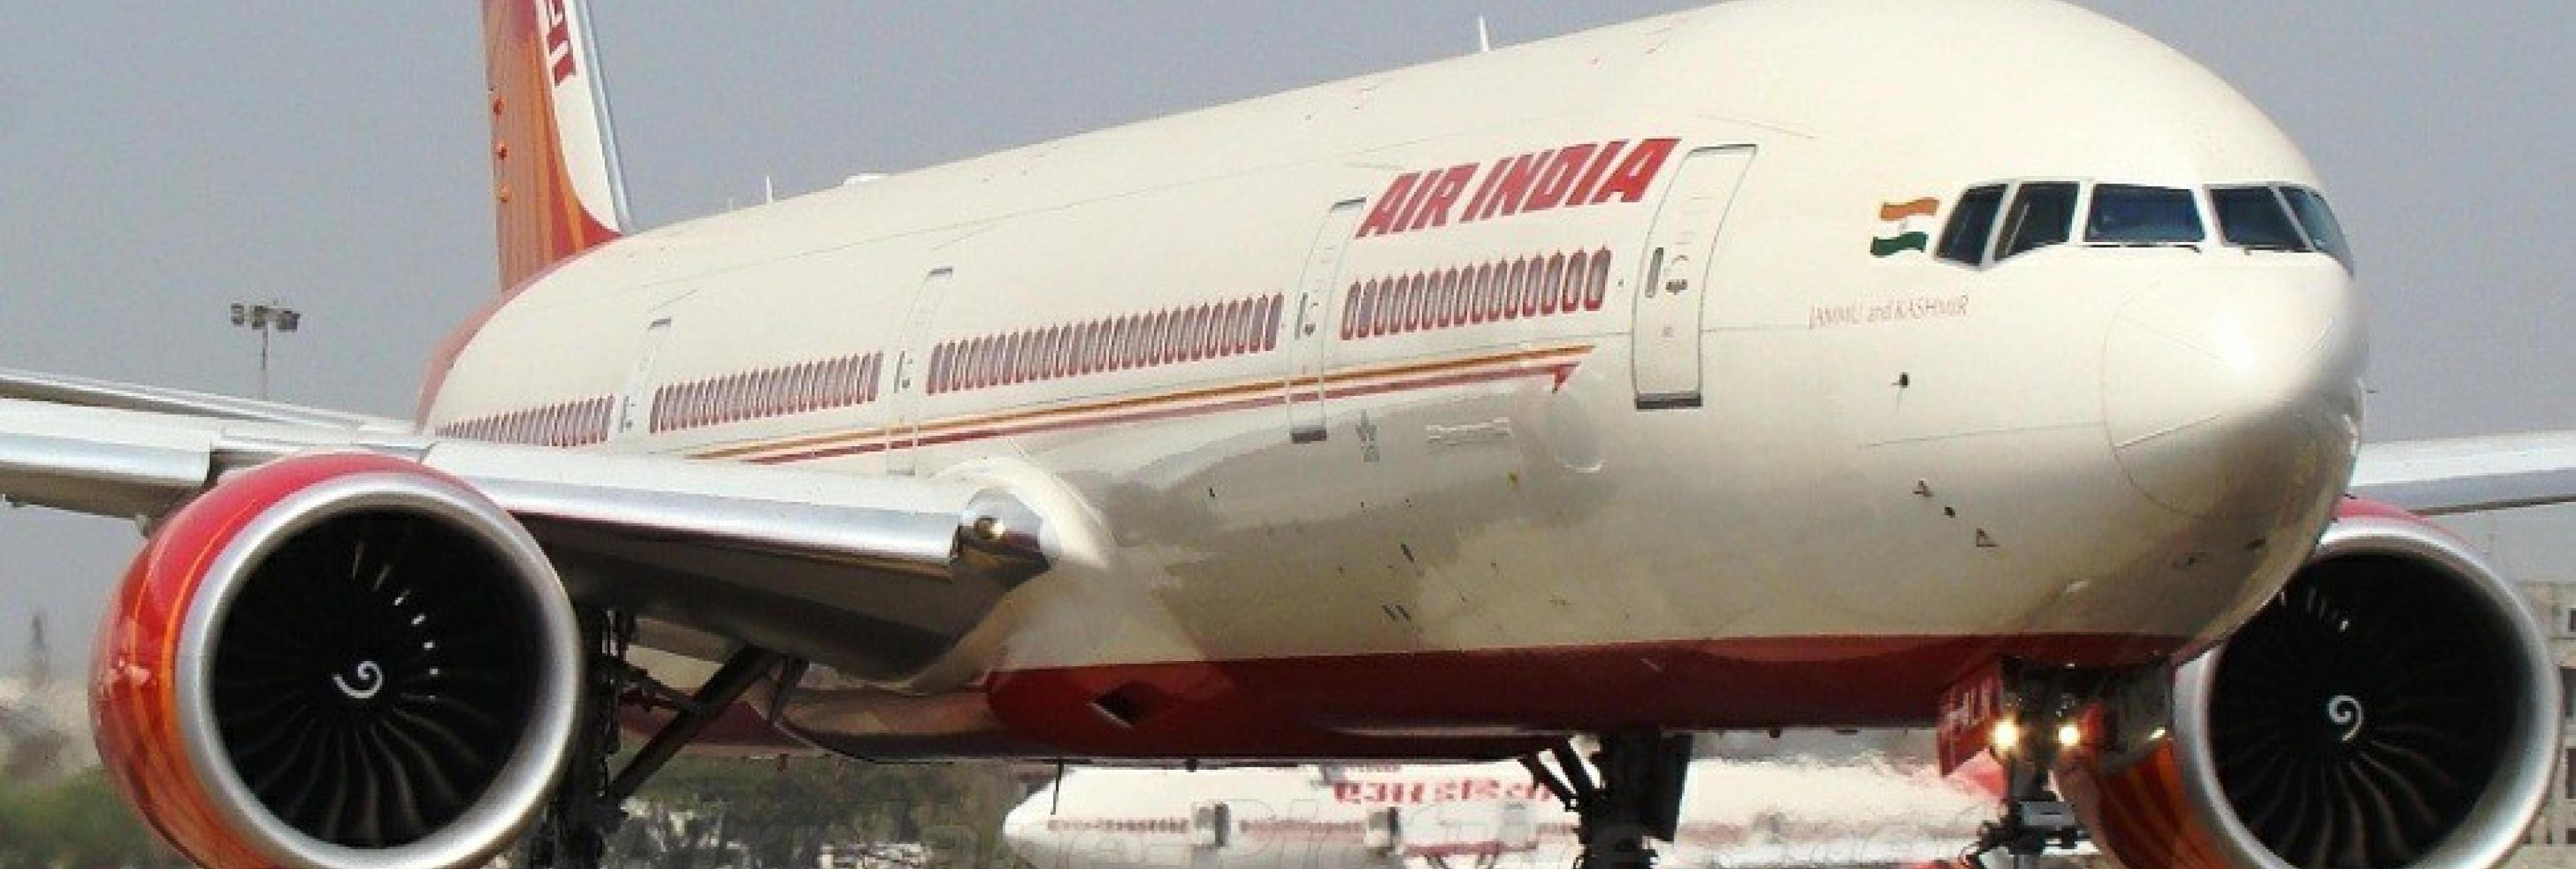 Gordofobia aérea: Air India mueve a puestos de tierra a 57 trabajadores con sobrepeso